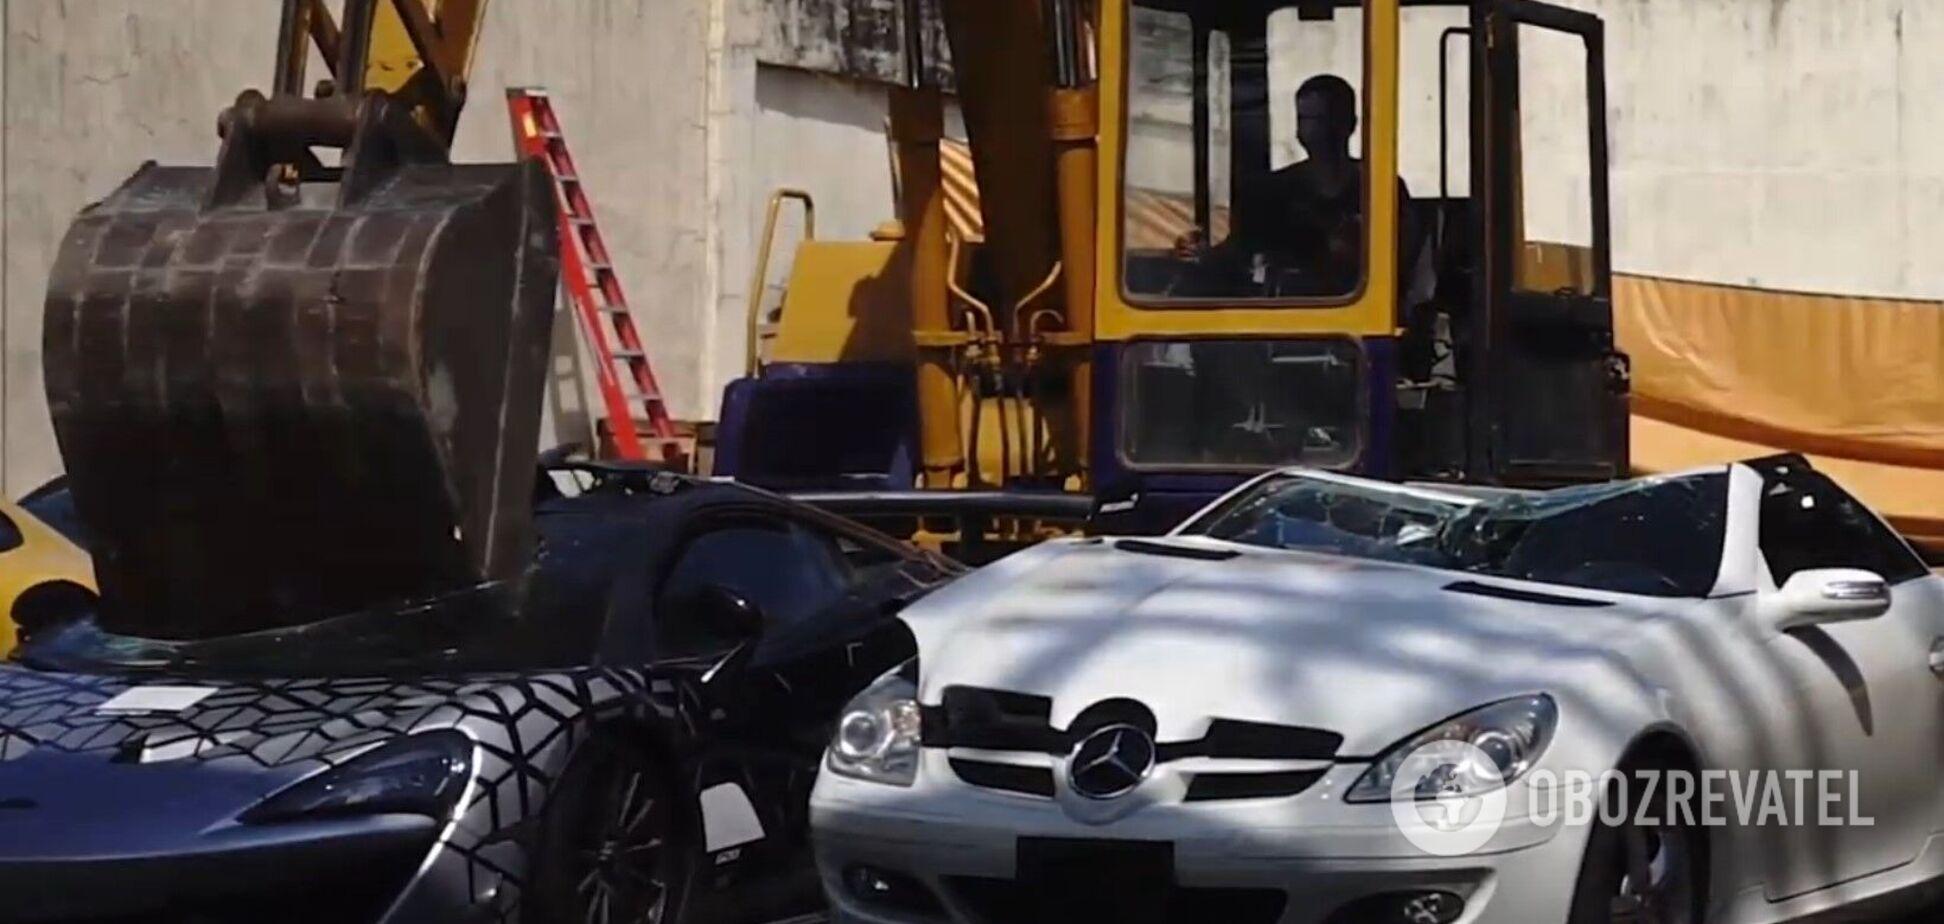 На Філіппінах митники знищили контрабандні автівки преміум-класу на $58 млн. Відео 'страти' машин